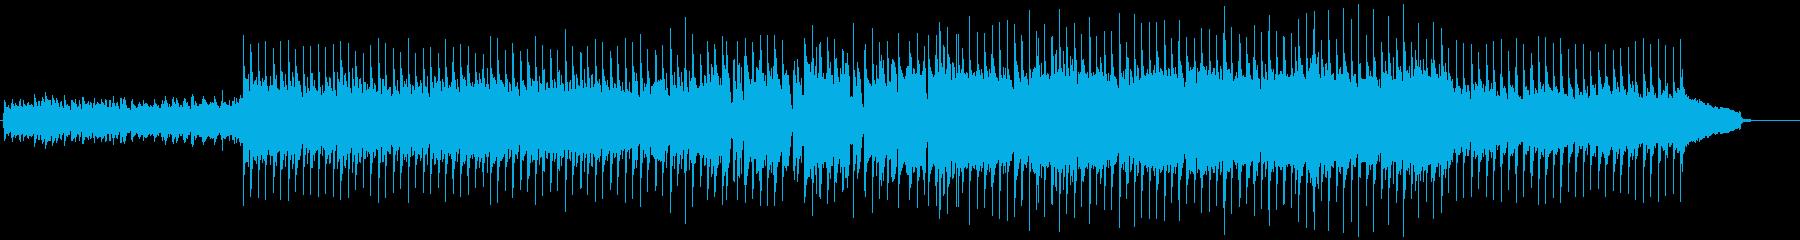 VP系11、爽やかなロック、ドライブEの再生済みの波形